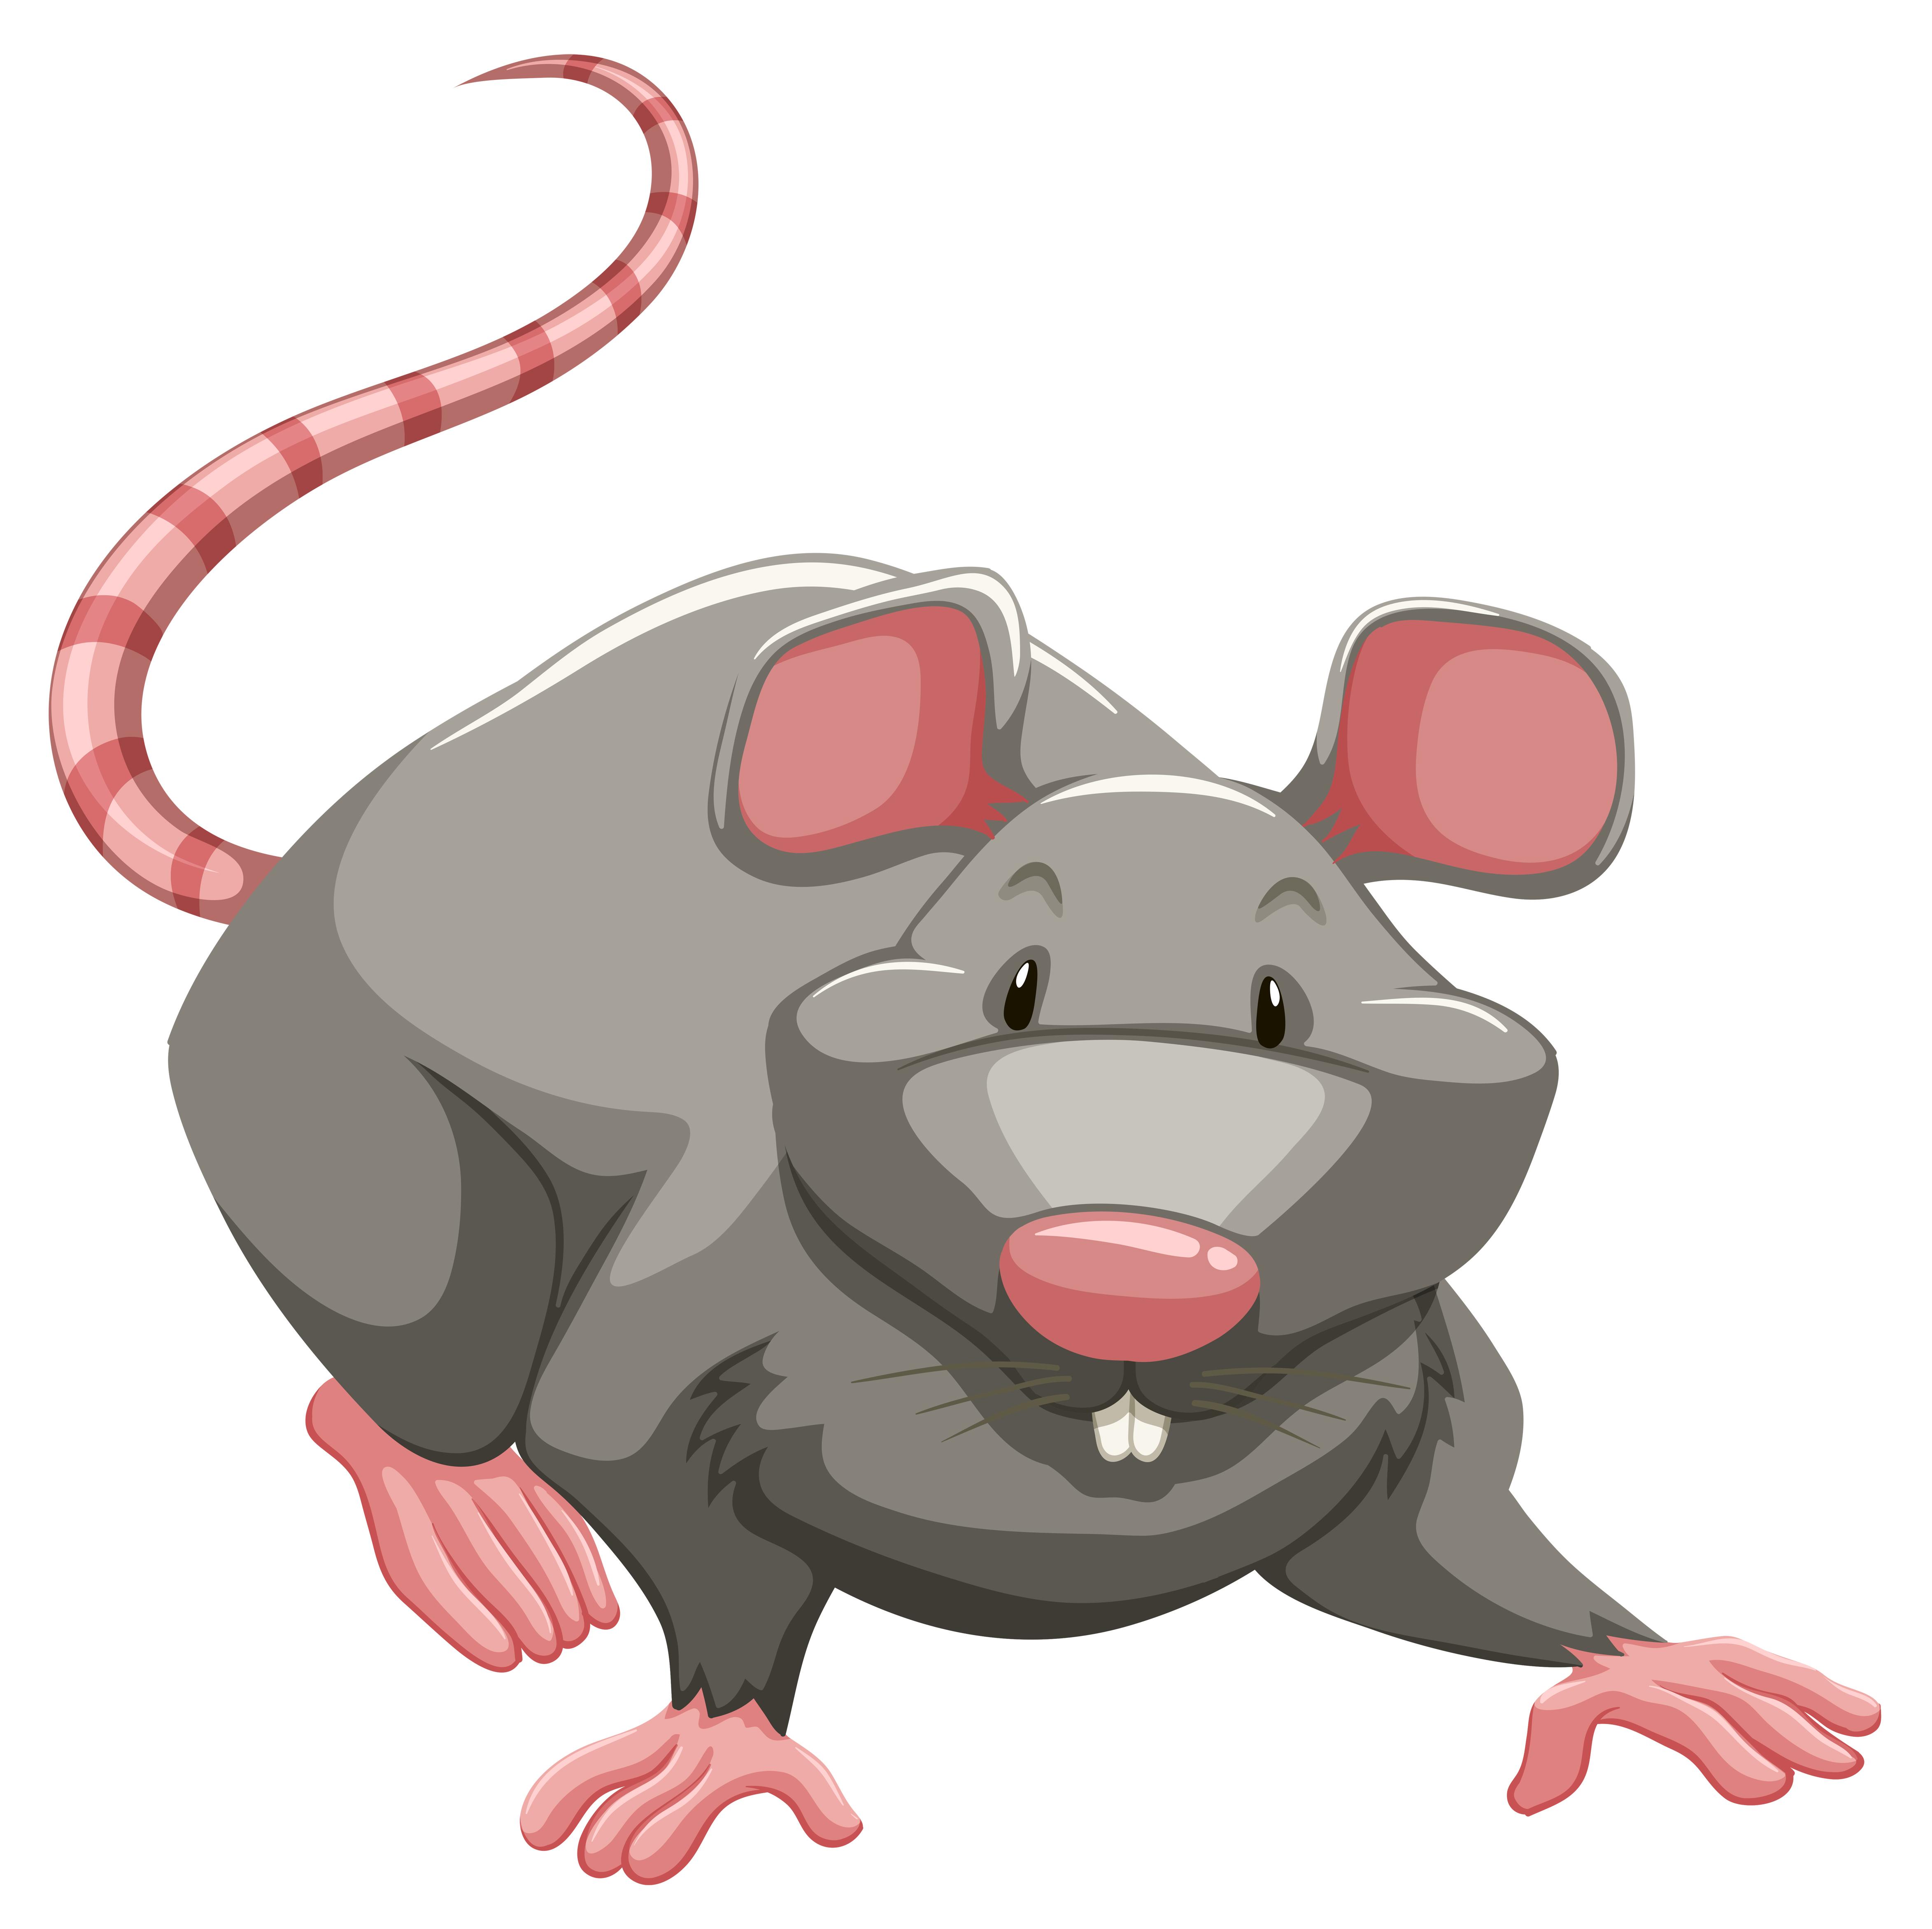 老鼠圖片 免費下載 | 天天瘋後製